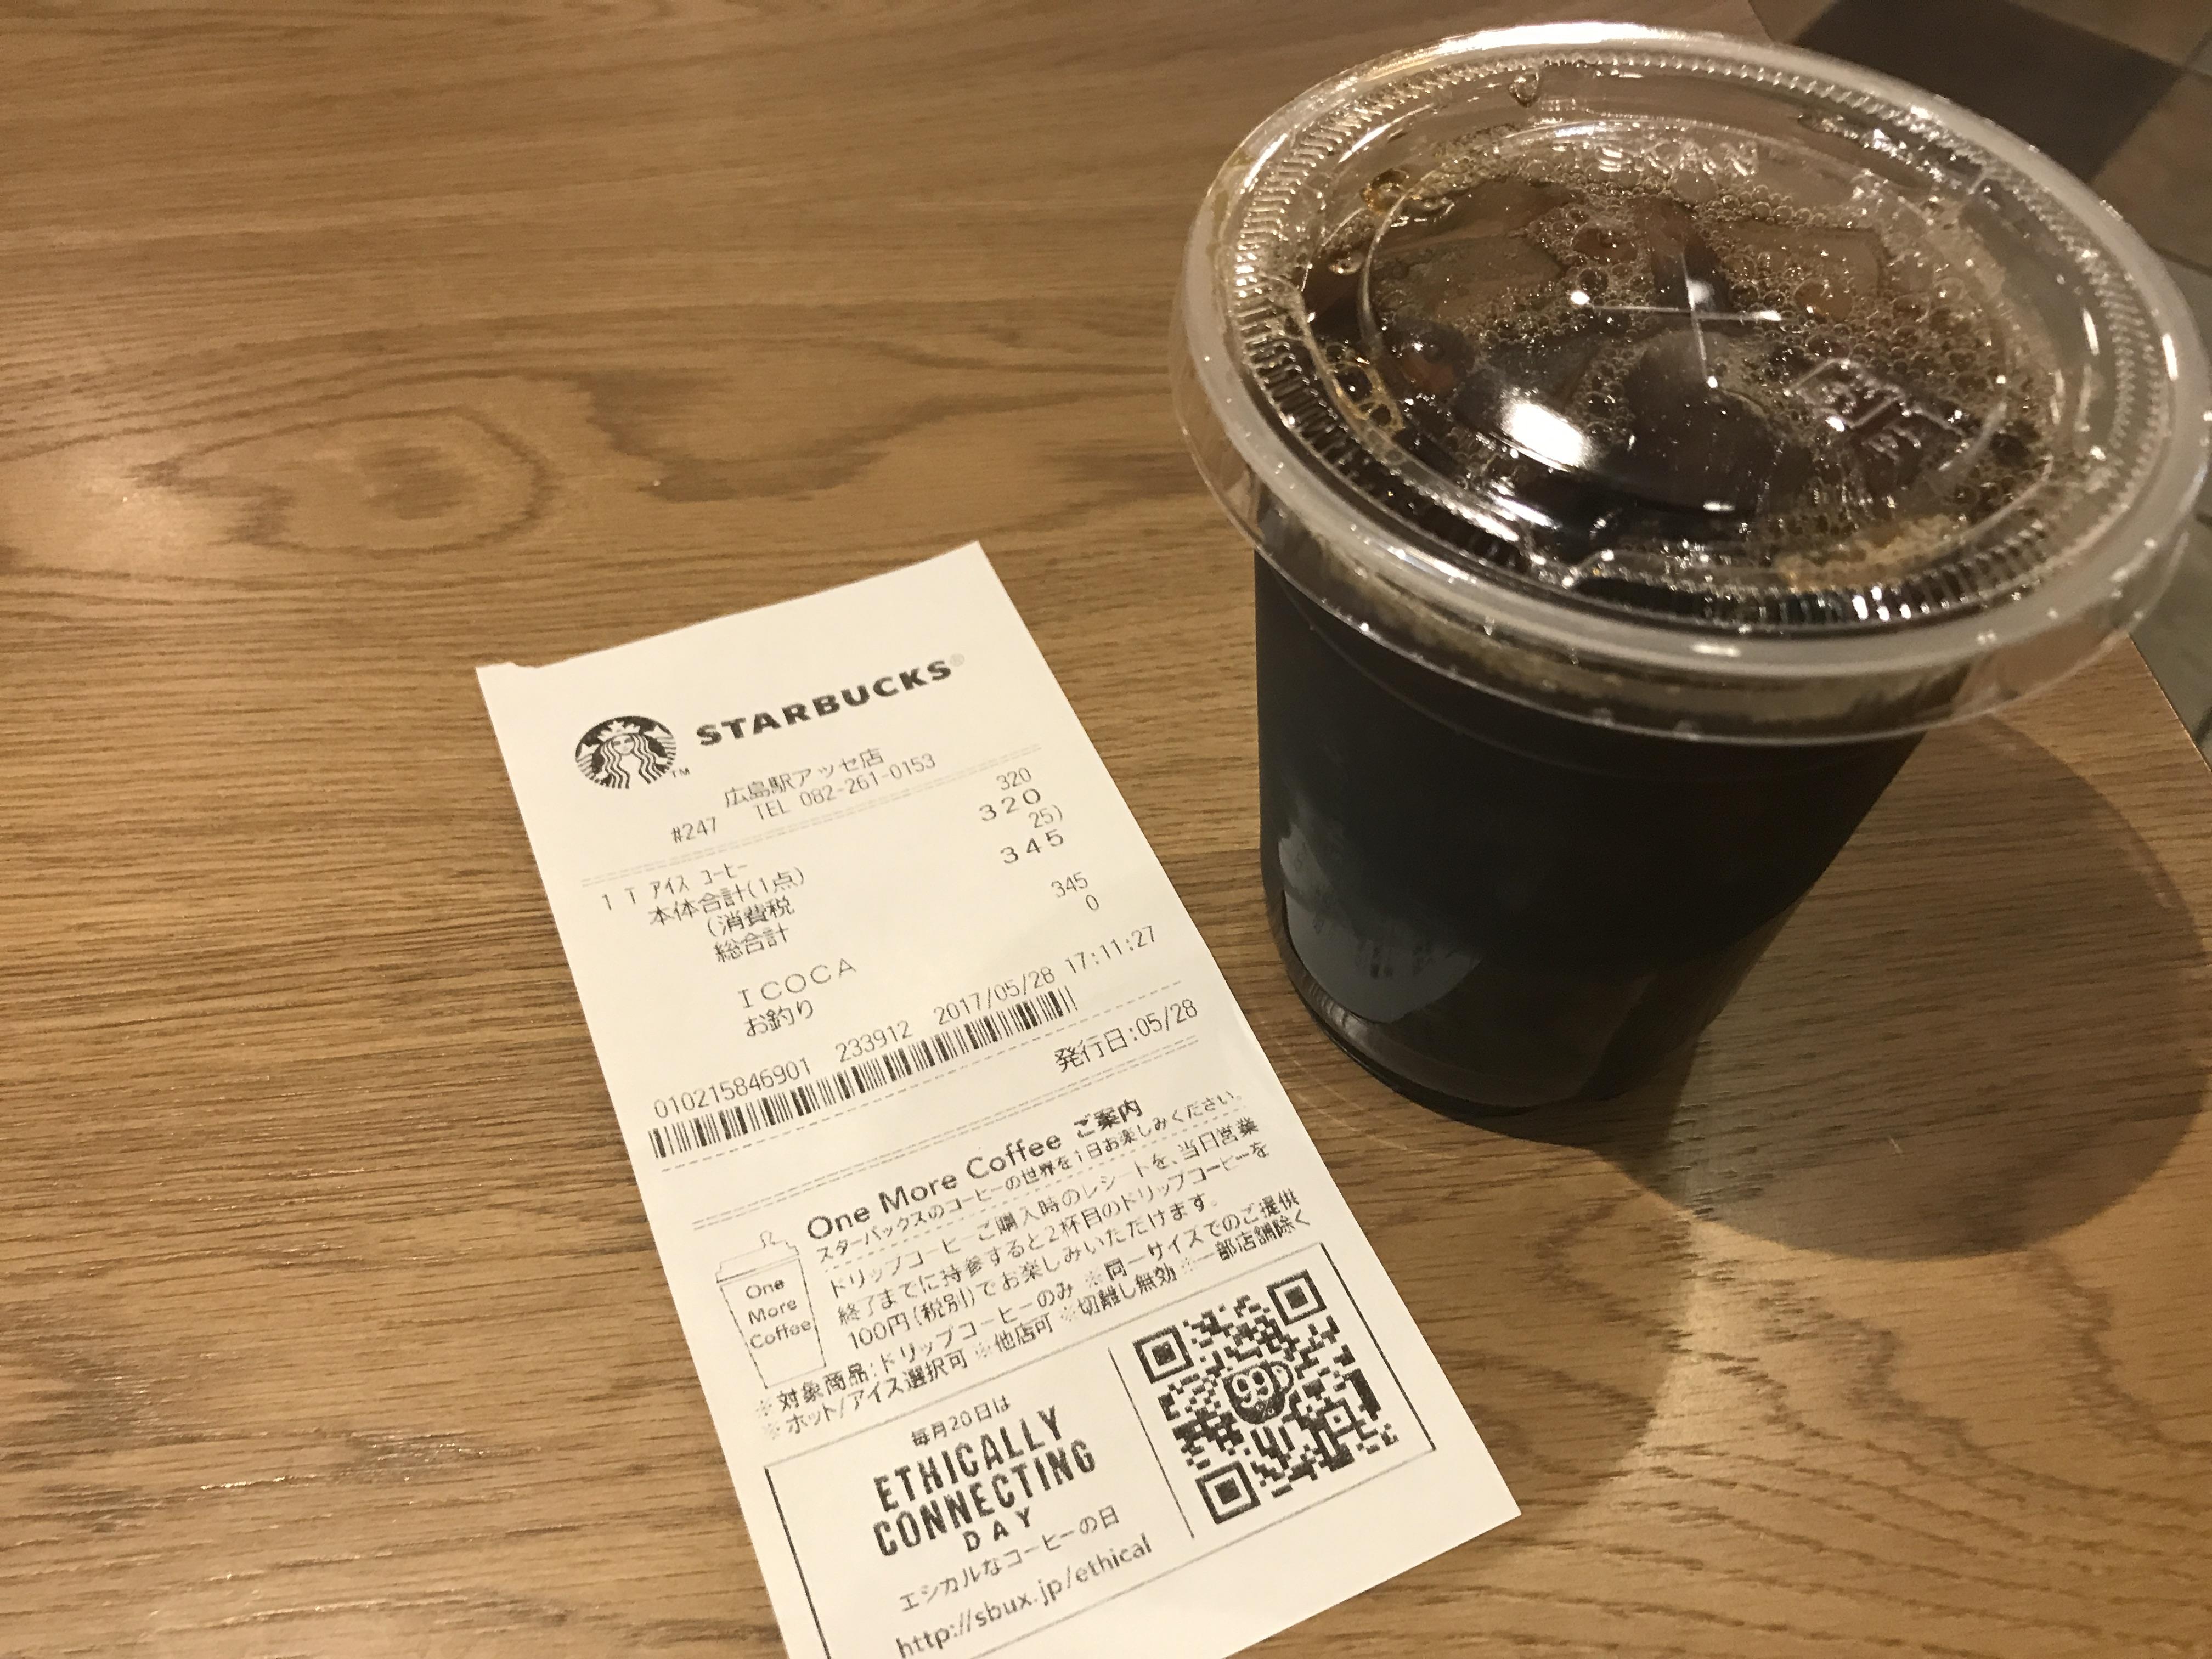 スターバックスのドリップコーヒーって、お代わり100円なの知っていました?コーヒー買った日であれば、他店でも大丈夫!